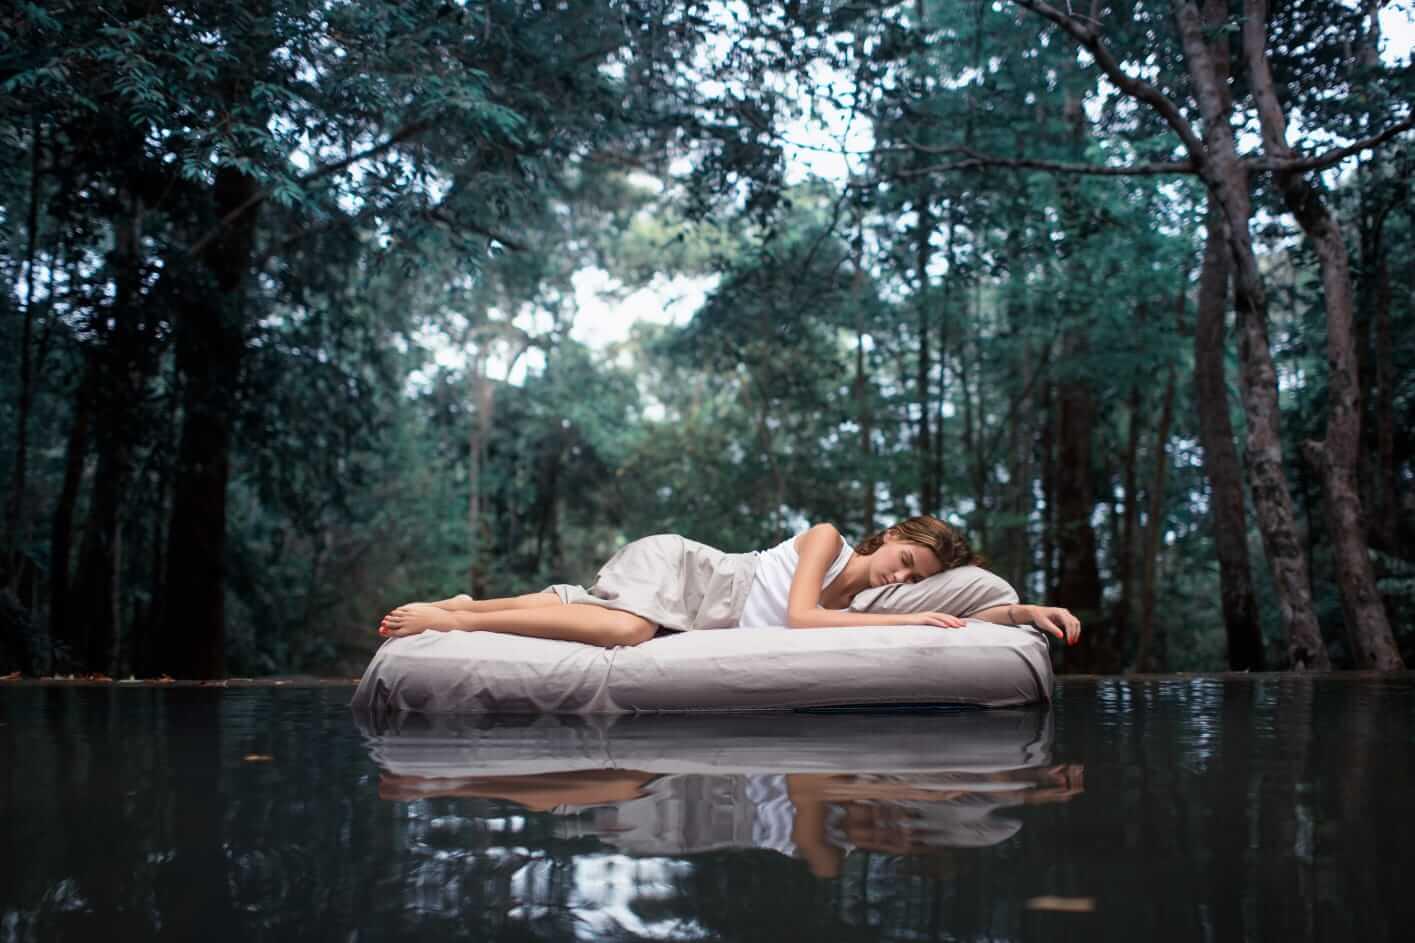 Frau entspannt sich auf einer Luftmatratze auf dem Wasser im Wald